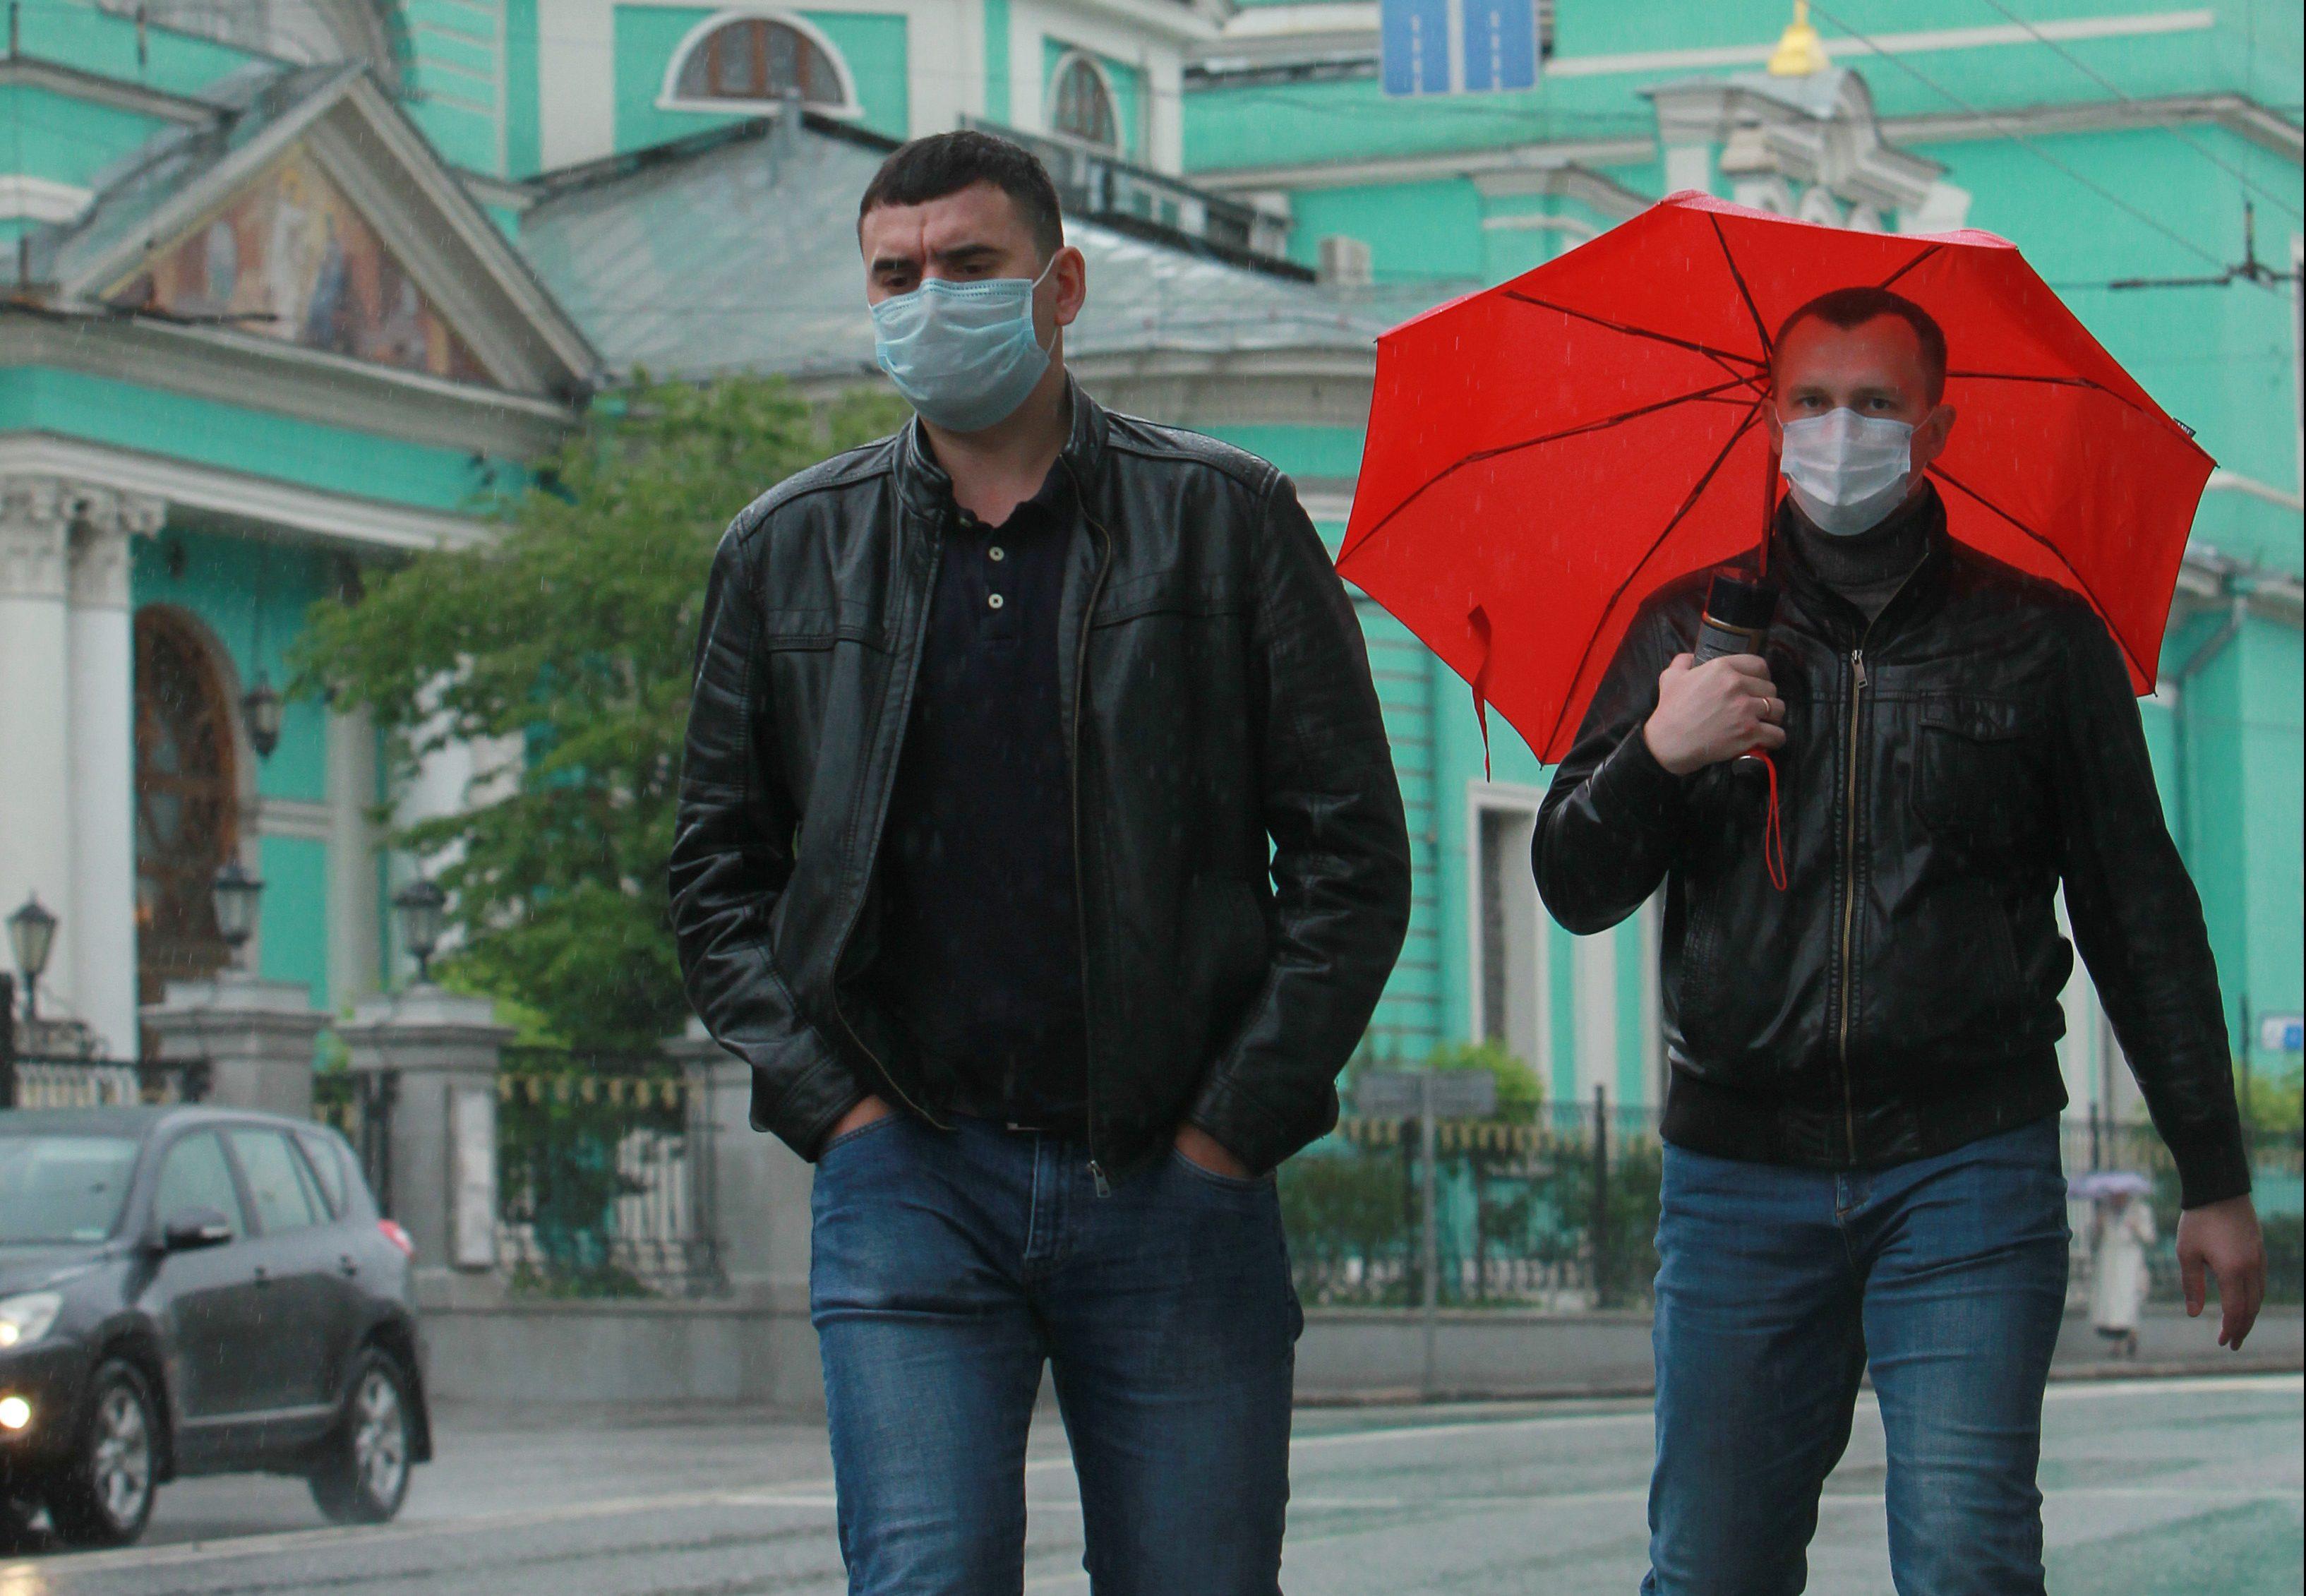 Соблюдение антиковидных мер позволяет не вводить более строгих мер. Фото: Наталия Нечаева, «Вечерняя Москва»